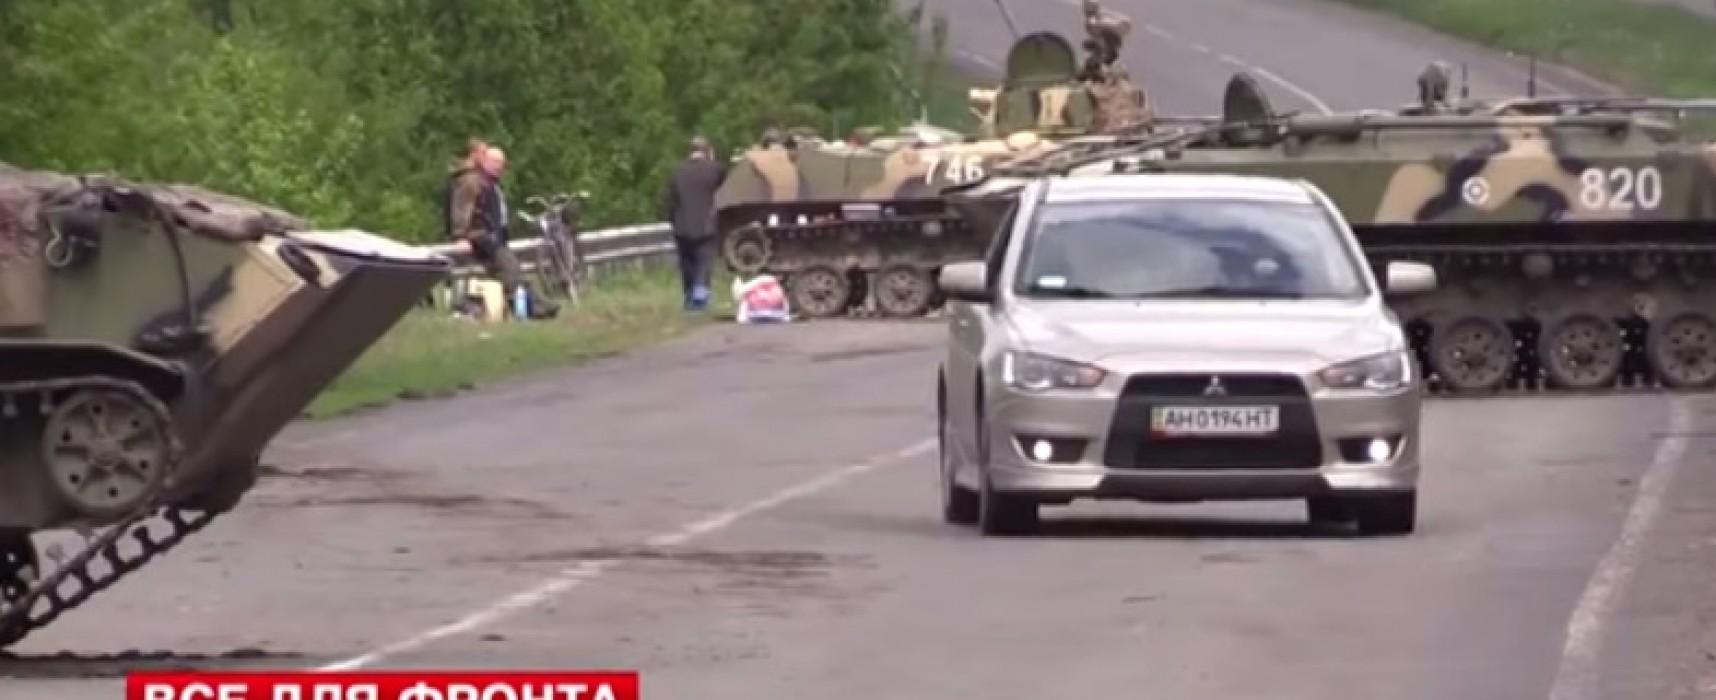 Фейк: Во время мобилизации у любого украинца могут забрать автомобиль